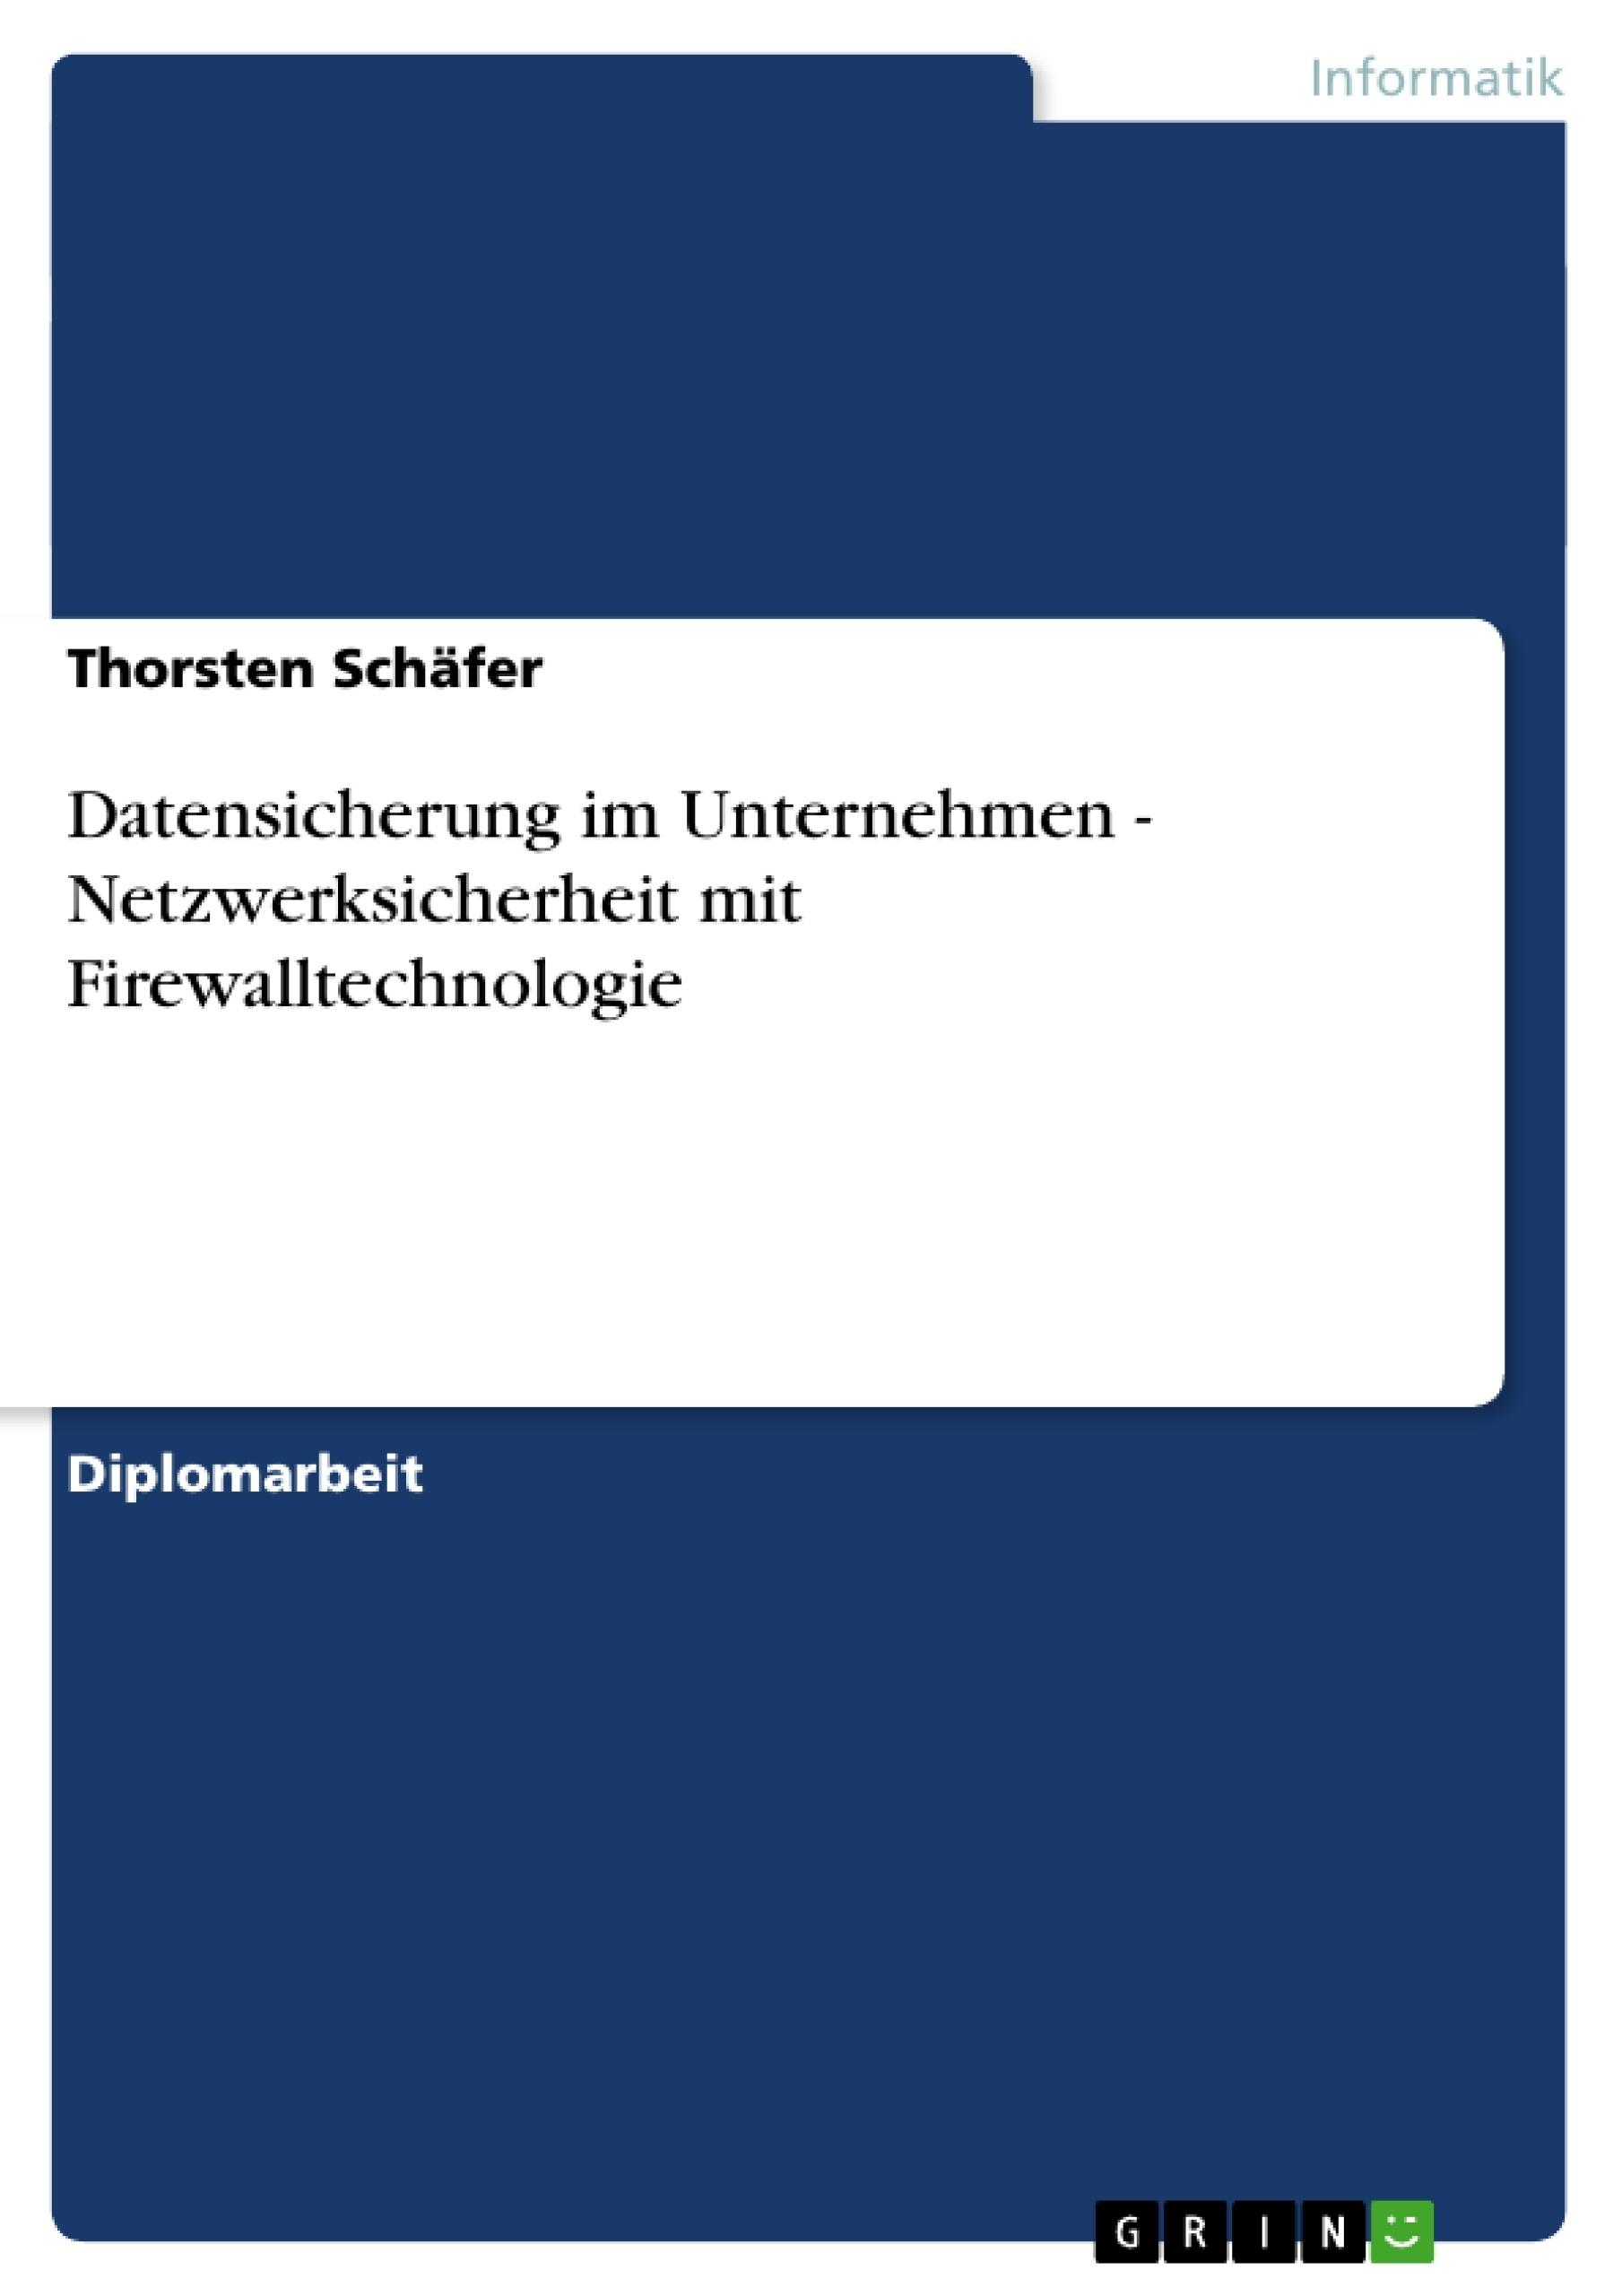 Titel: Datensicherung im Unternehmen - Netzwerksicherheit mit Firewalltechnologie